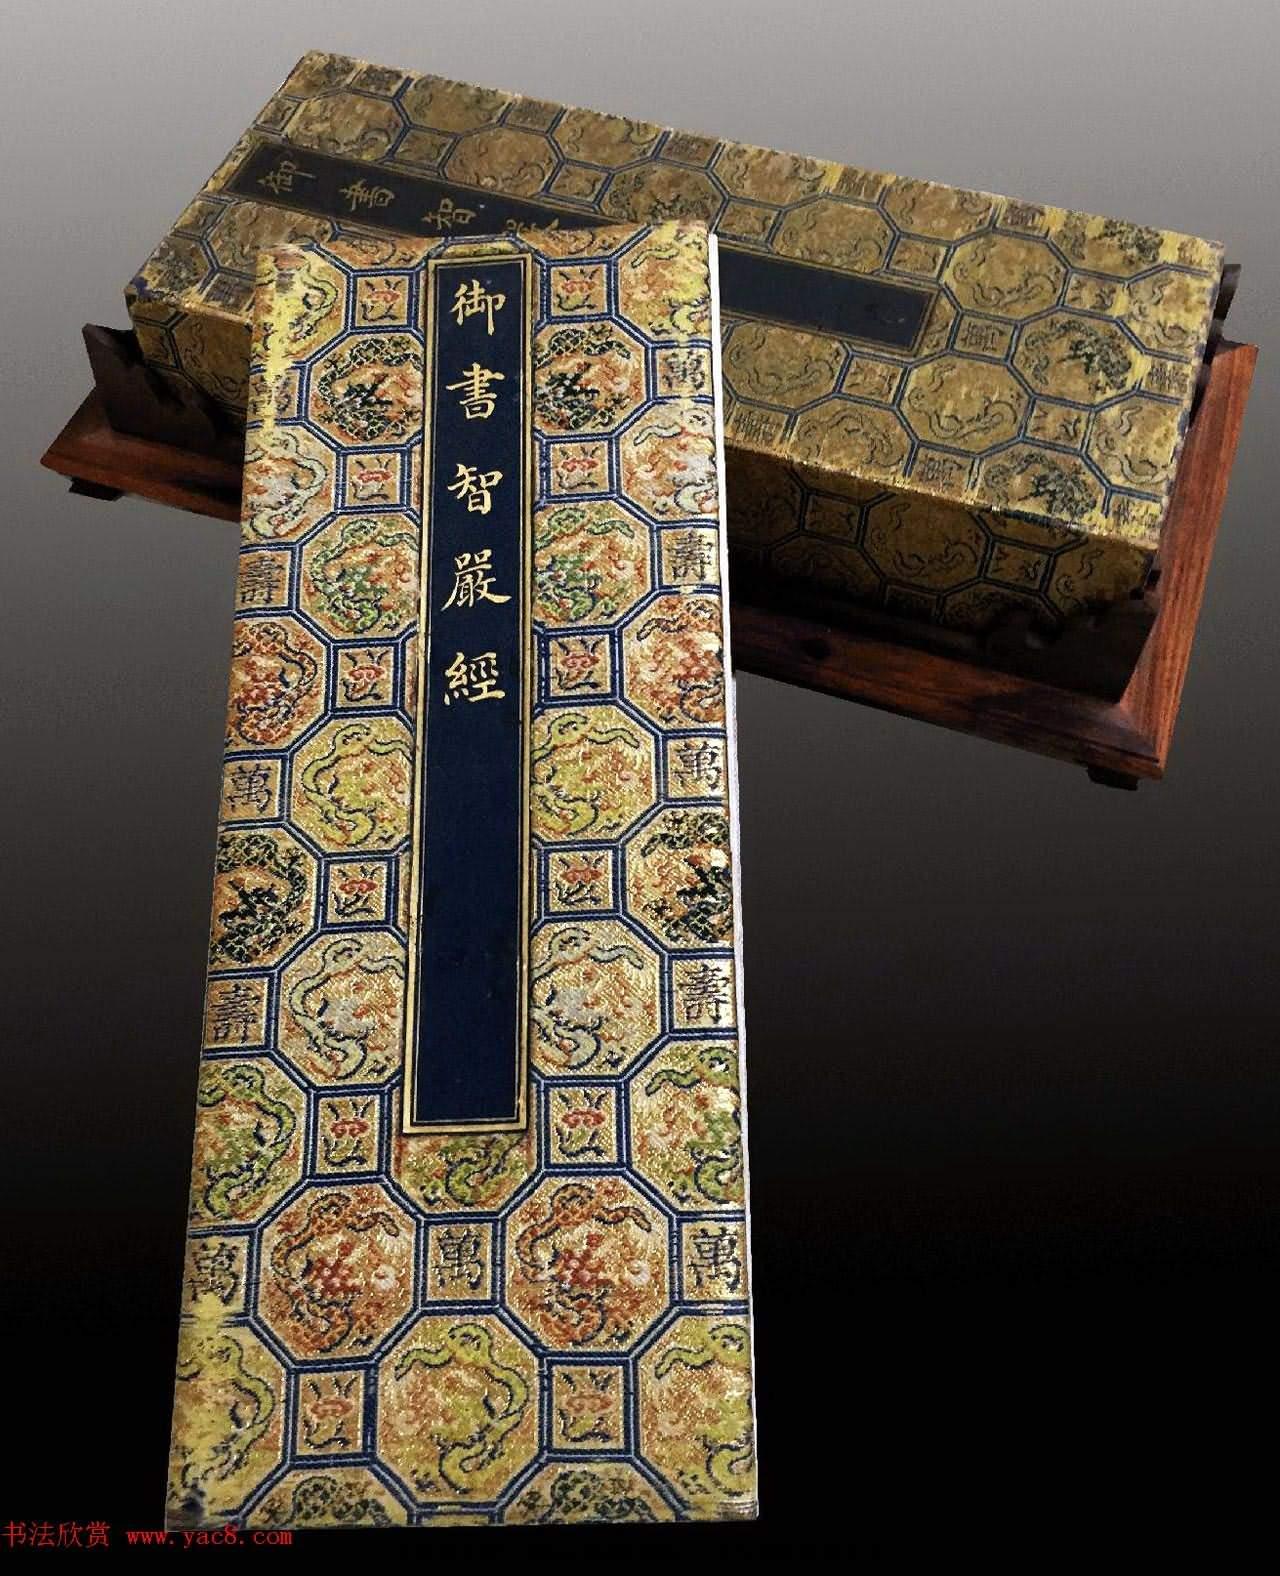 乾隆皇帝行書冊頁《御書智嚴經》(共21張圖片)